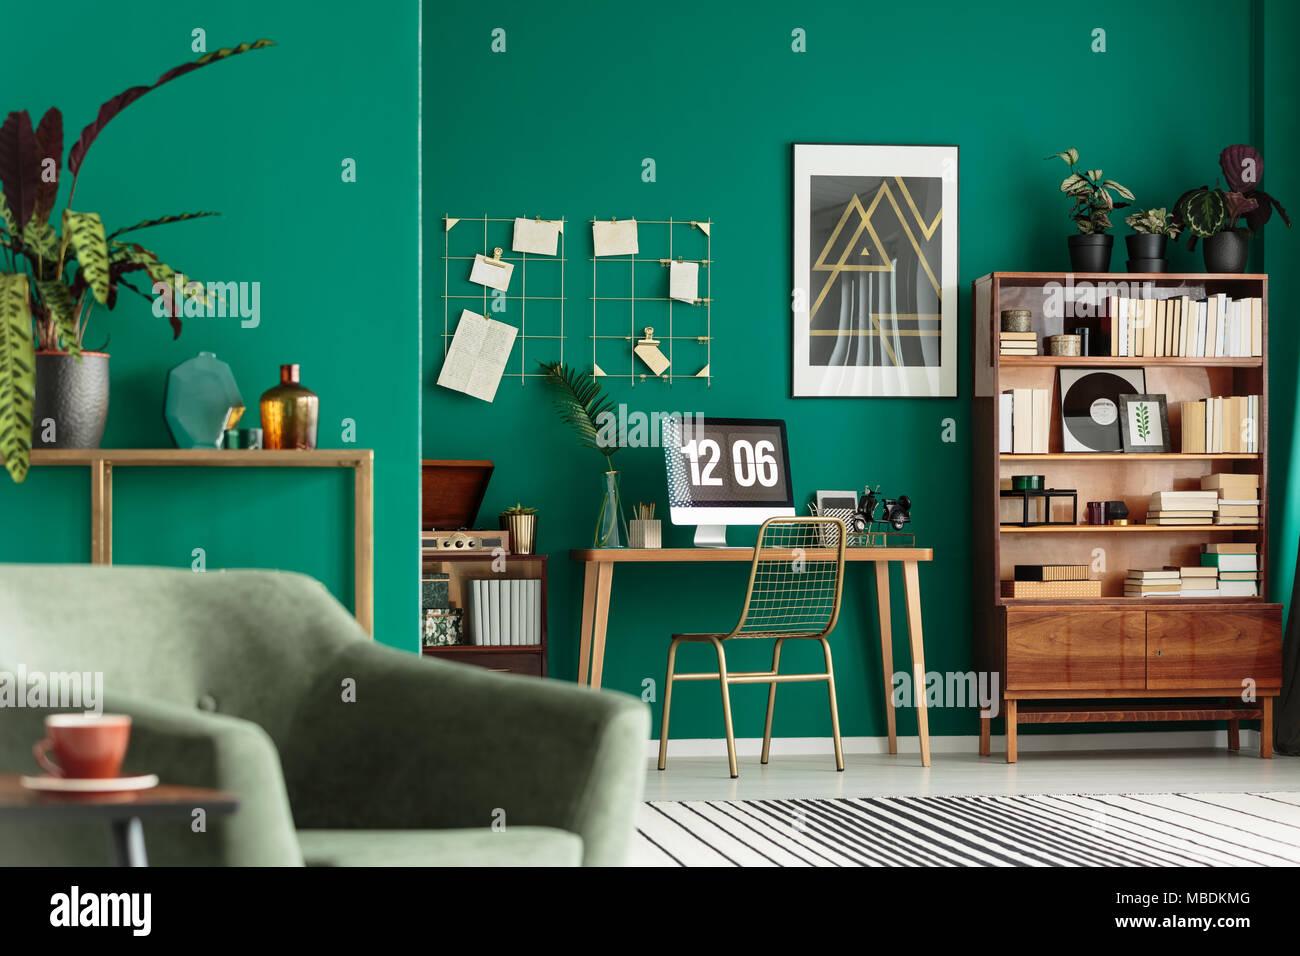 Grüne Wohnzimmer Innenraum mit Büchern über Holz- Schrank und Schreibtisch für die Fernbedienung Stockbild